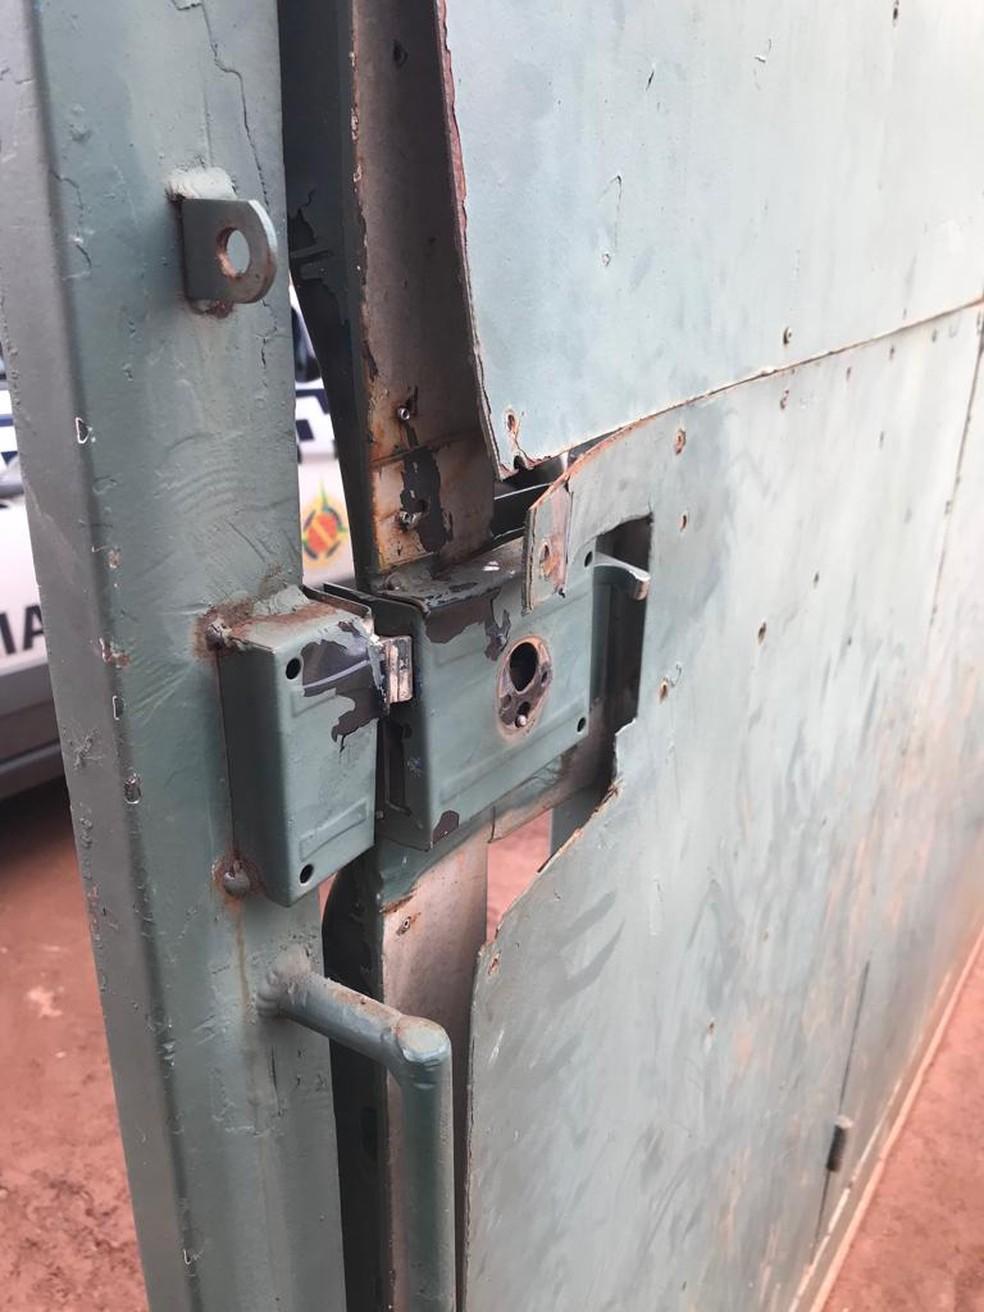 Porta arrombada por engano durante operação policial — Foto: Polícia Militar do DF/Divulgação